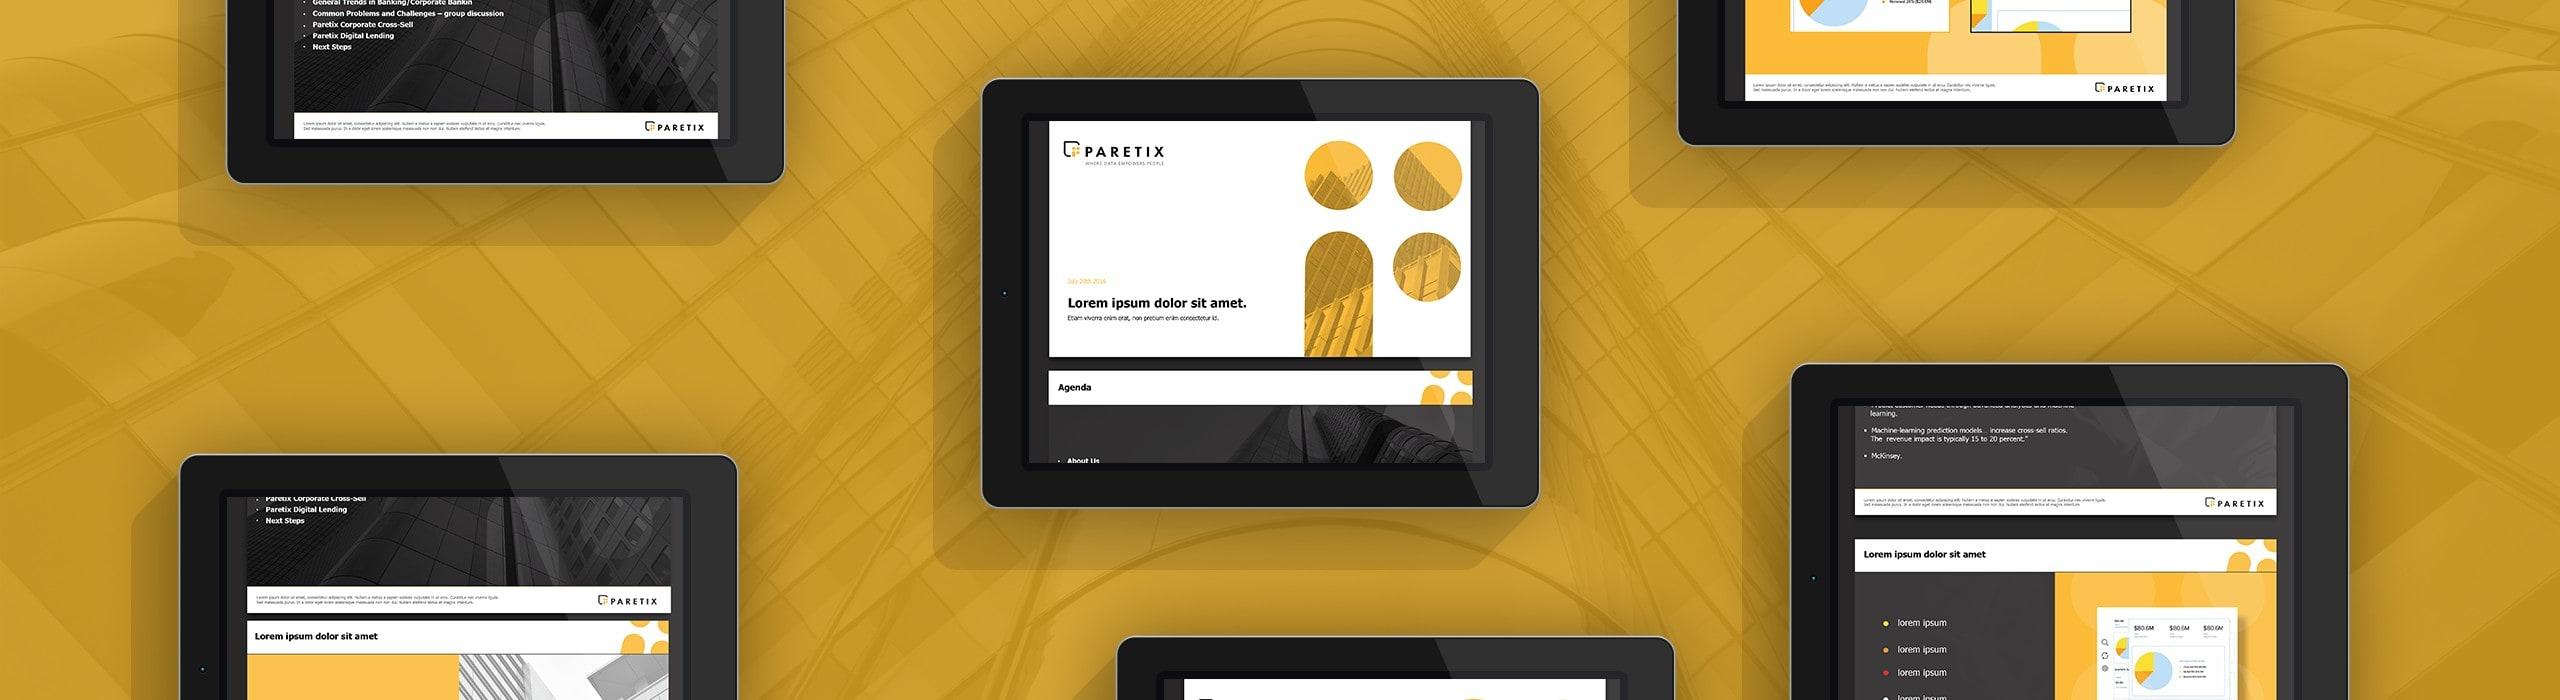 Paretix - natie-paretix-ipad - Natie Branding Agency